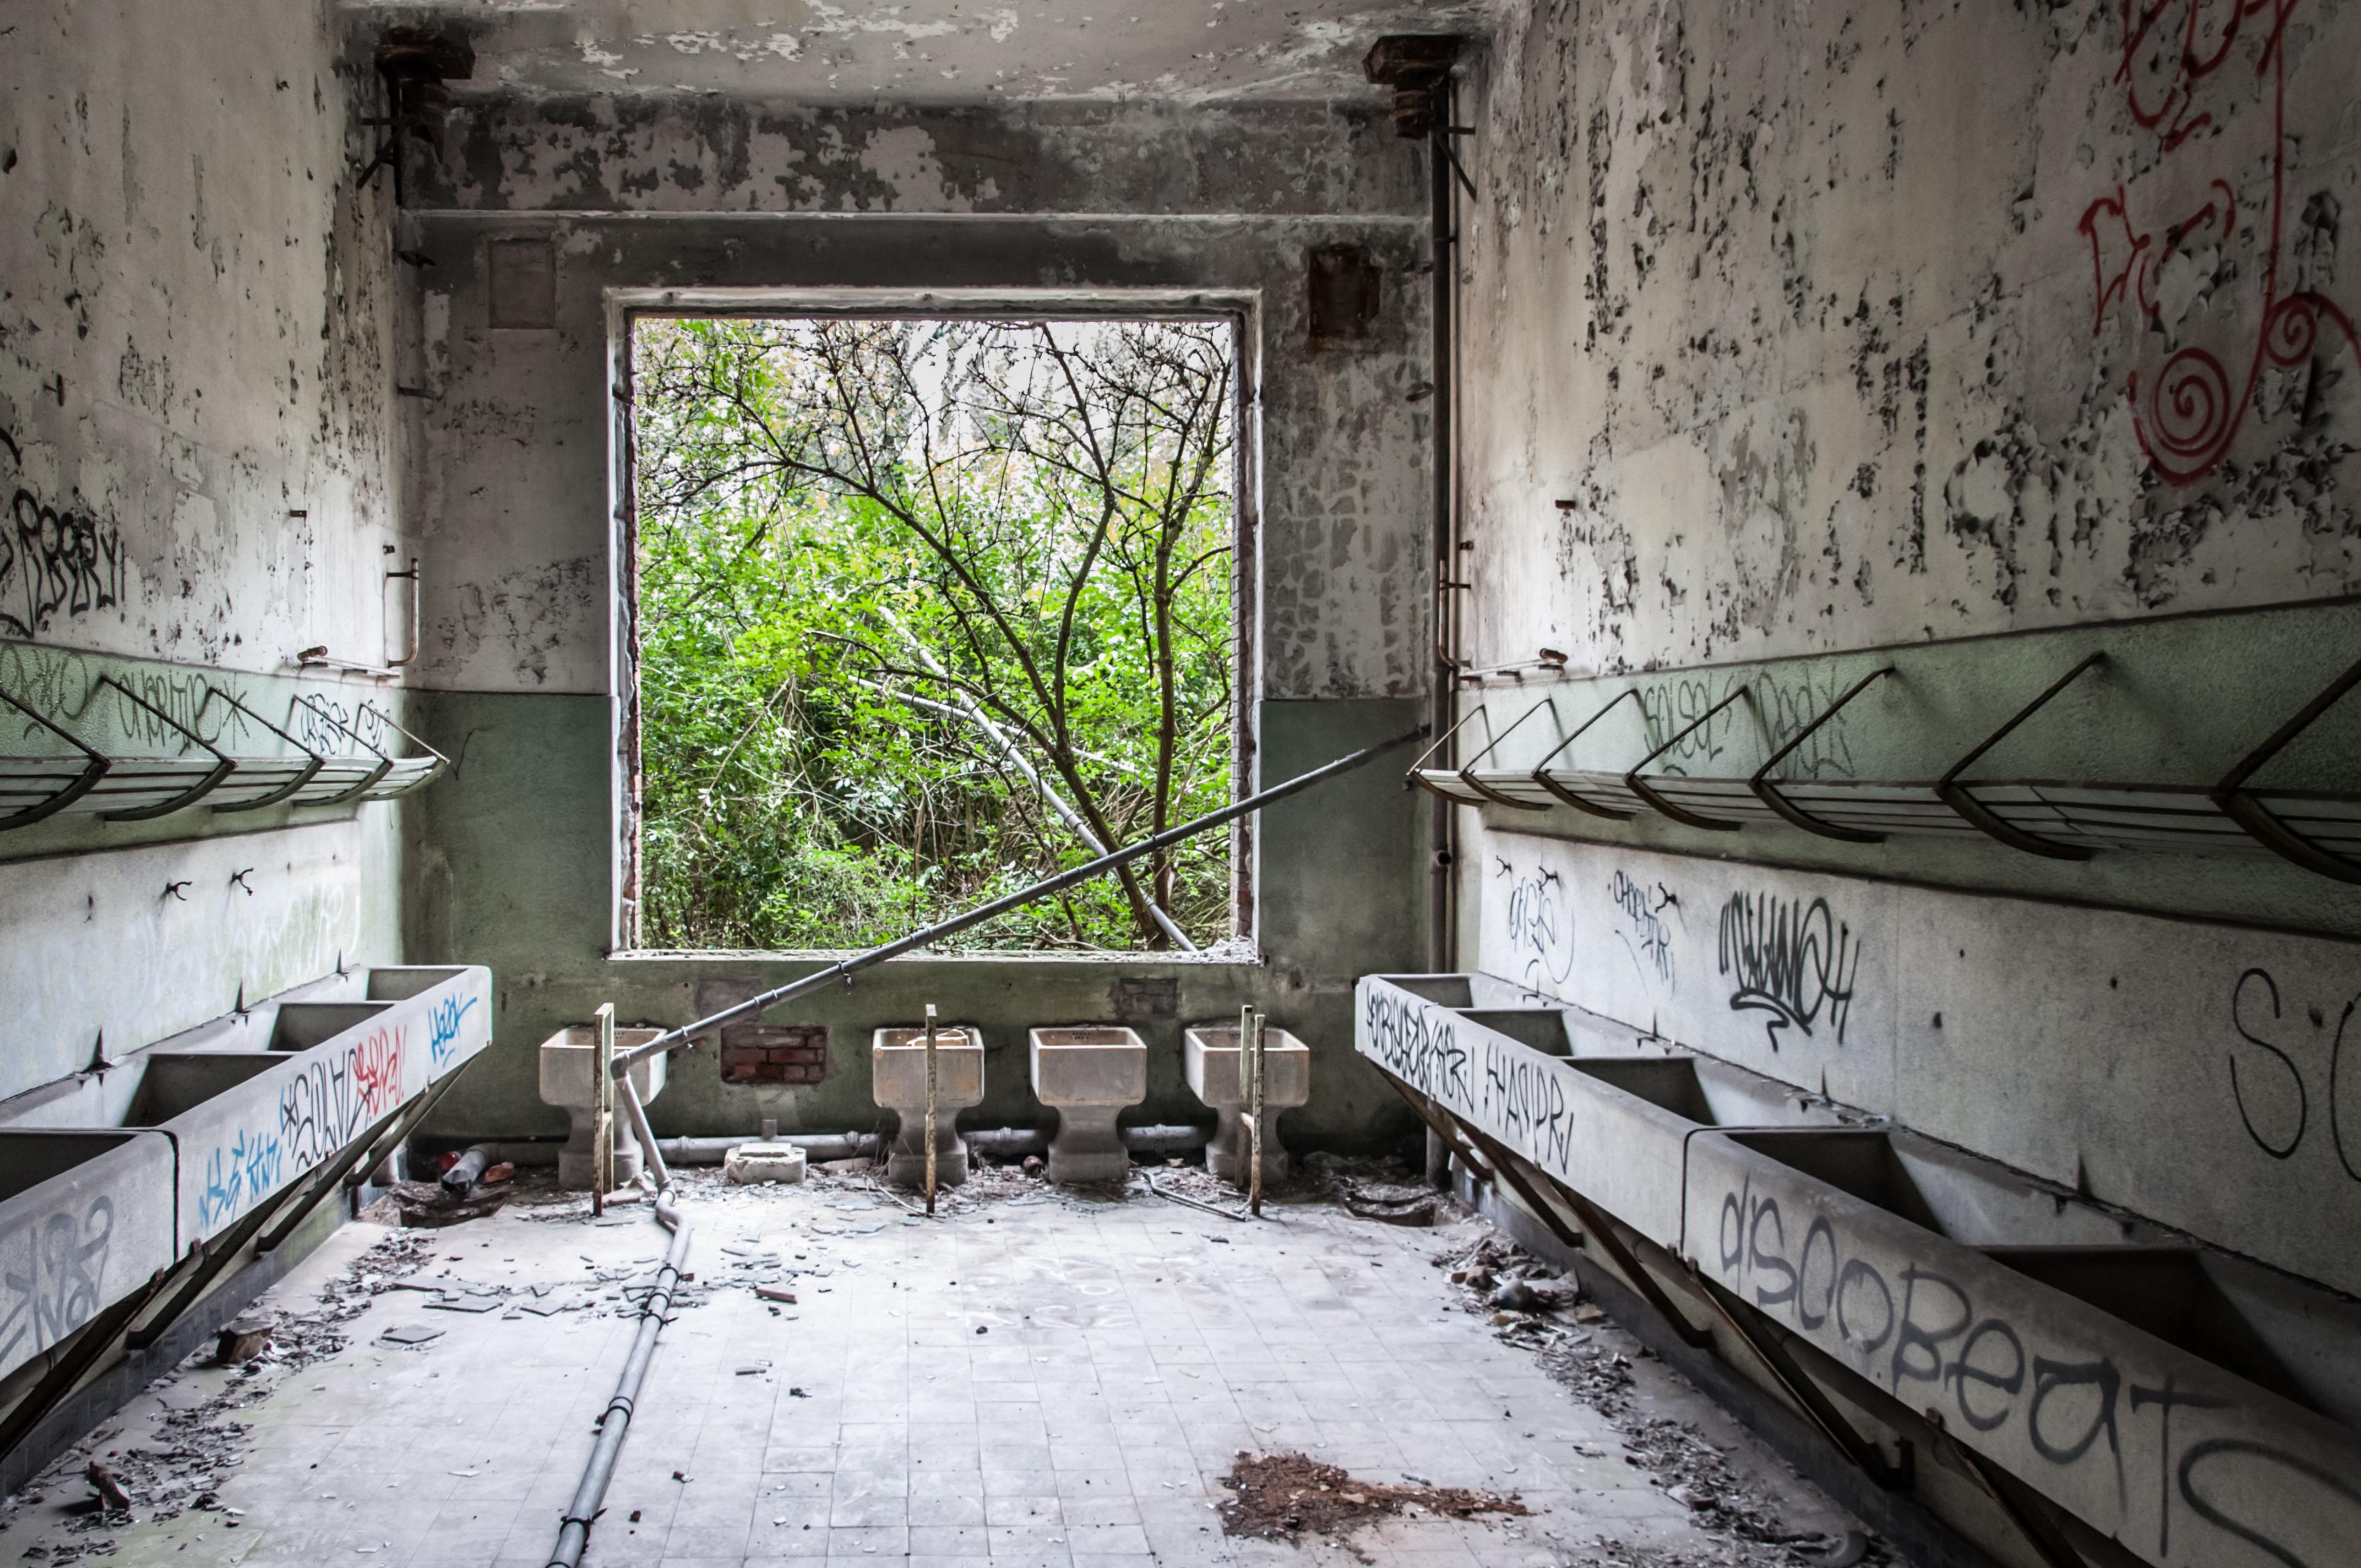 Fotoğraf Kar Yapı Doku Pencere Bina Inşaat Kulübe Kale